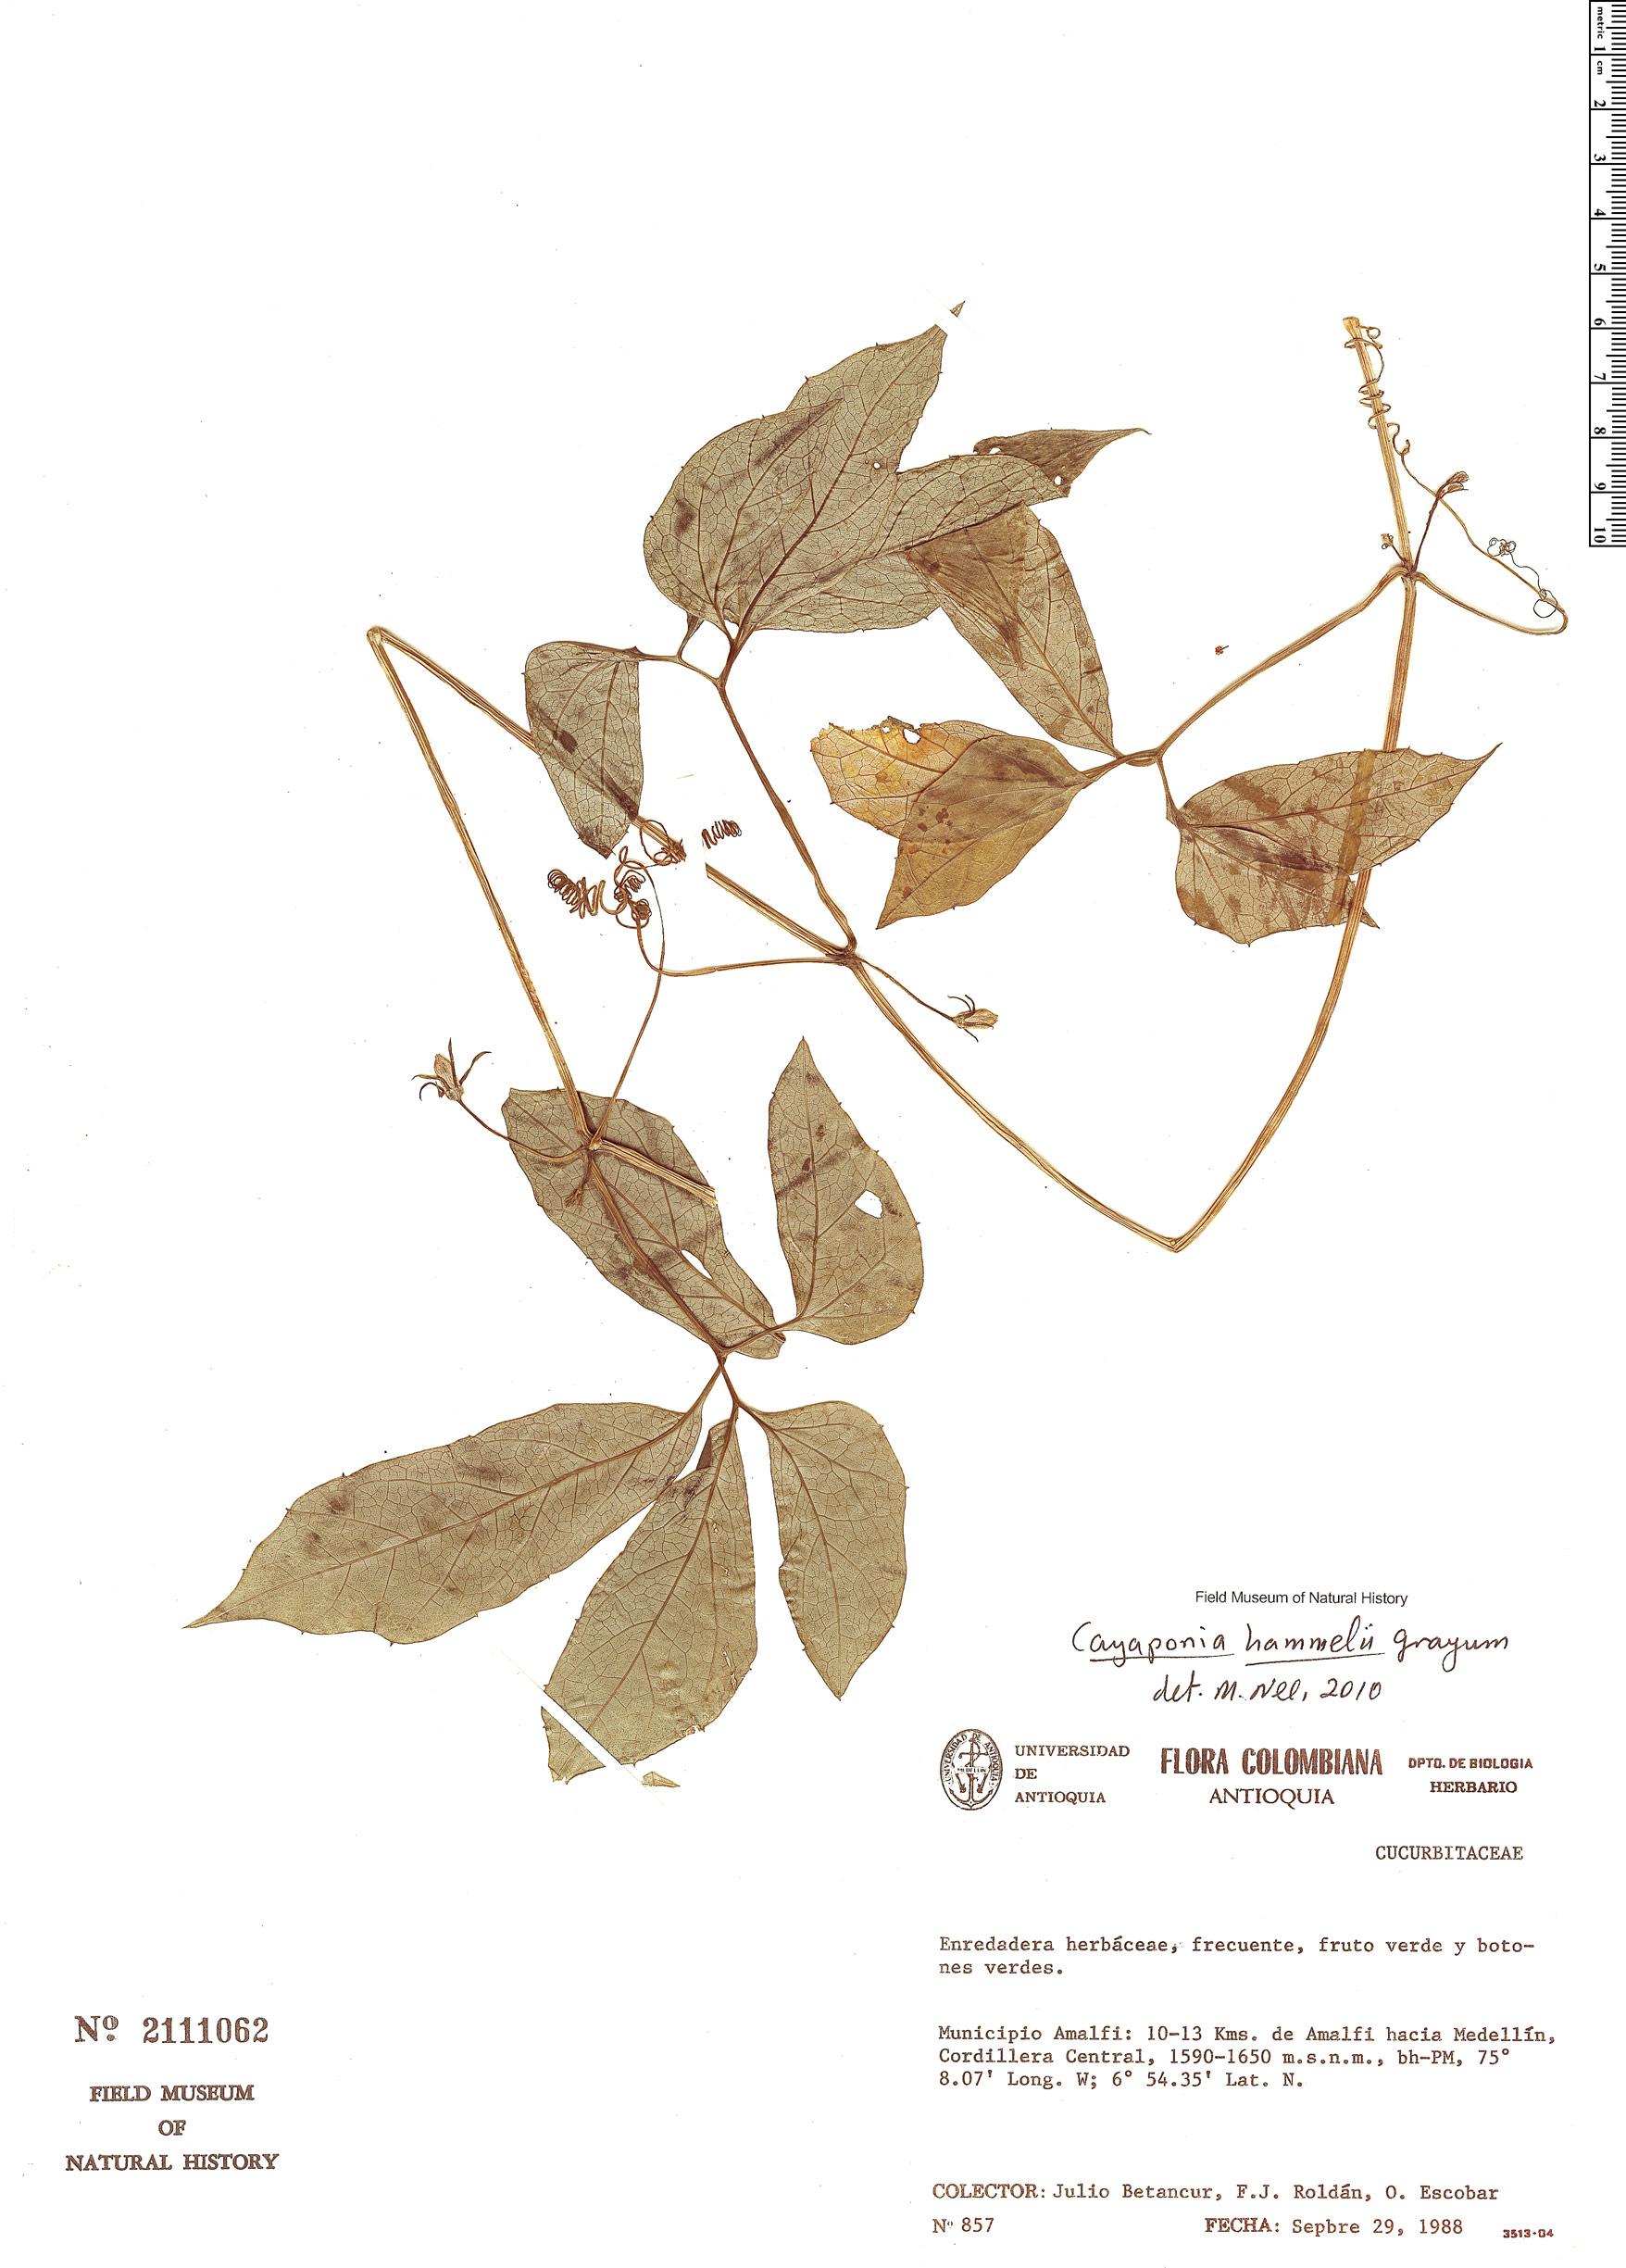 Specimen: Cayaponia hammelii